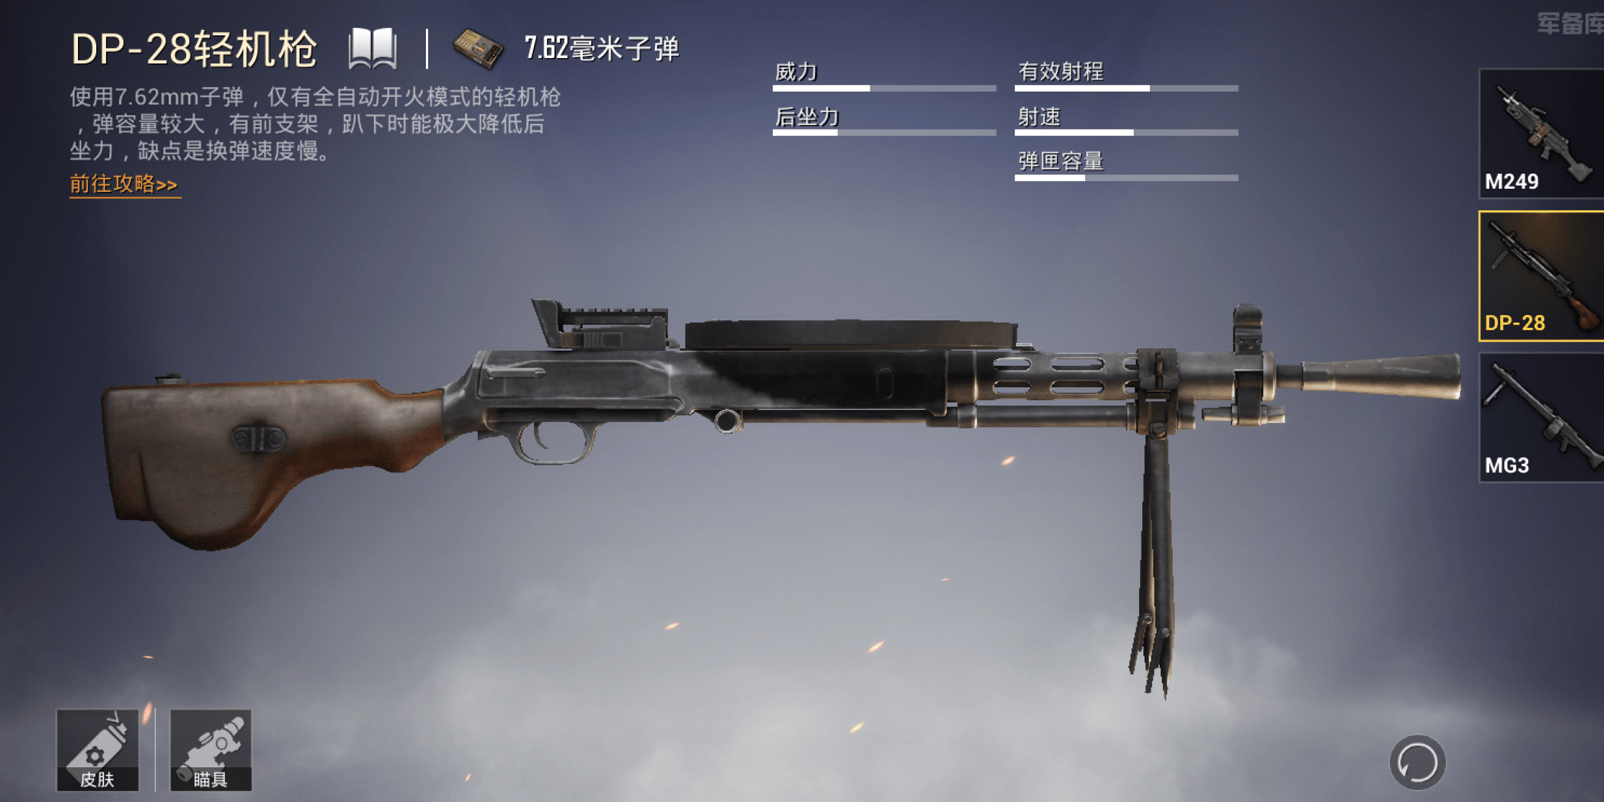 这是和平精英最被低估的枪械!高手都爱用 SKY用他秀全场